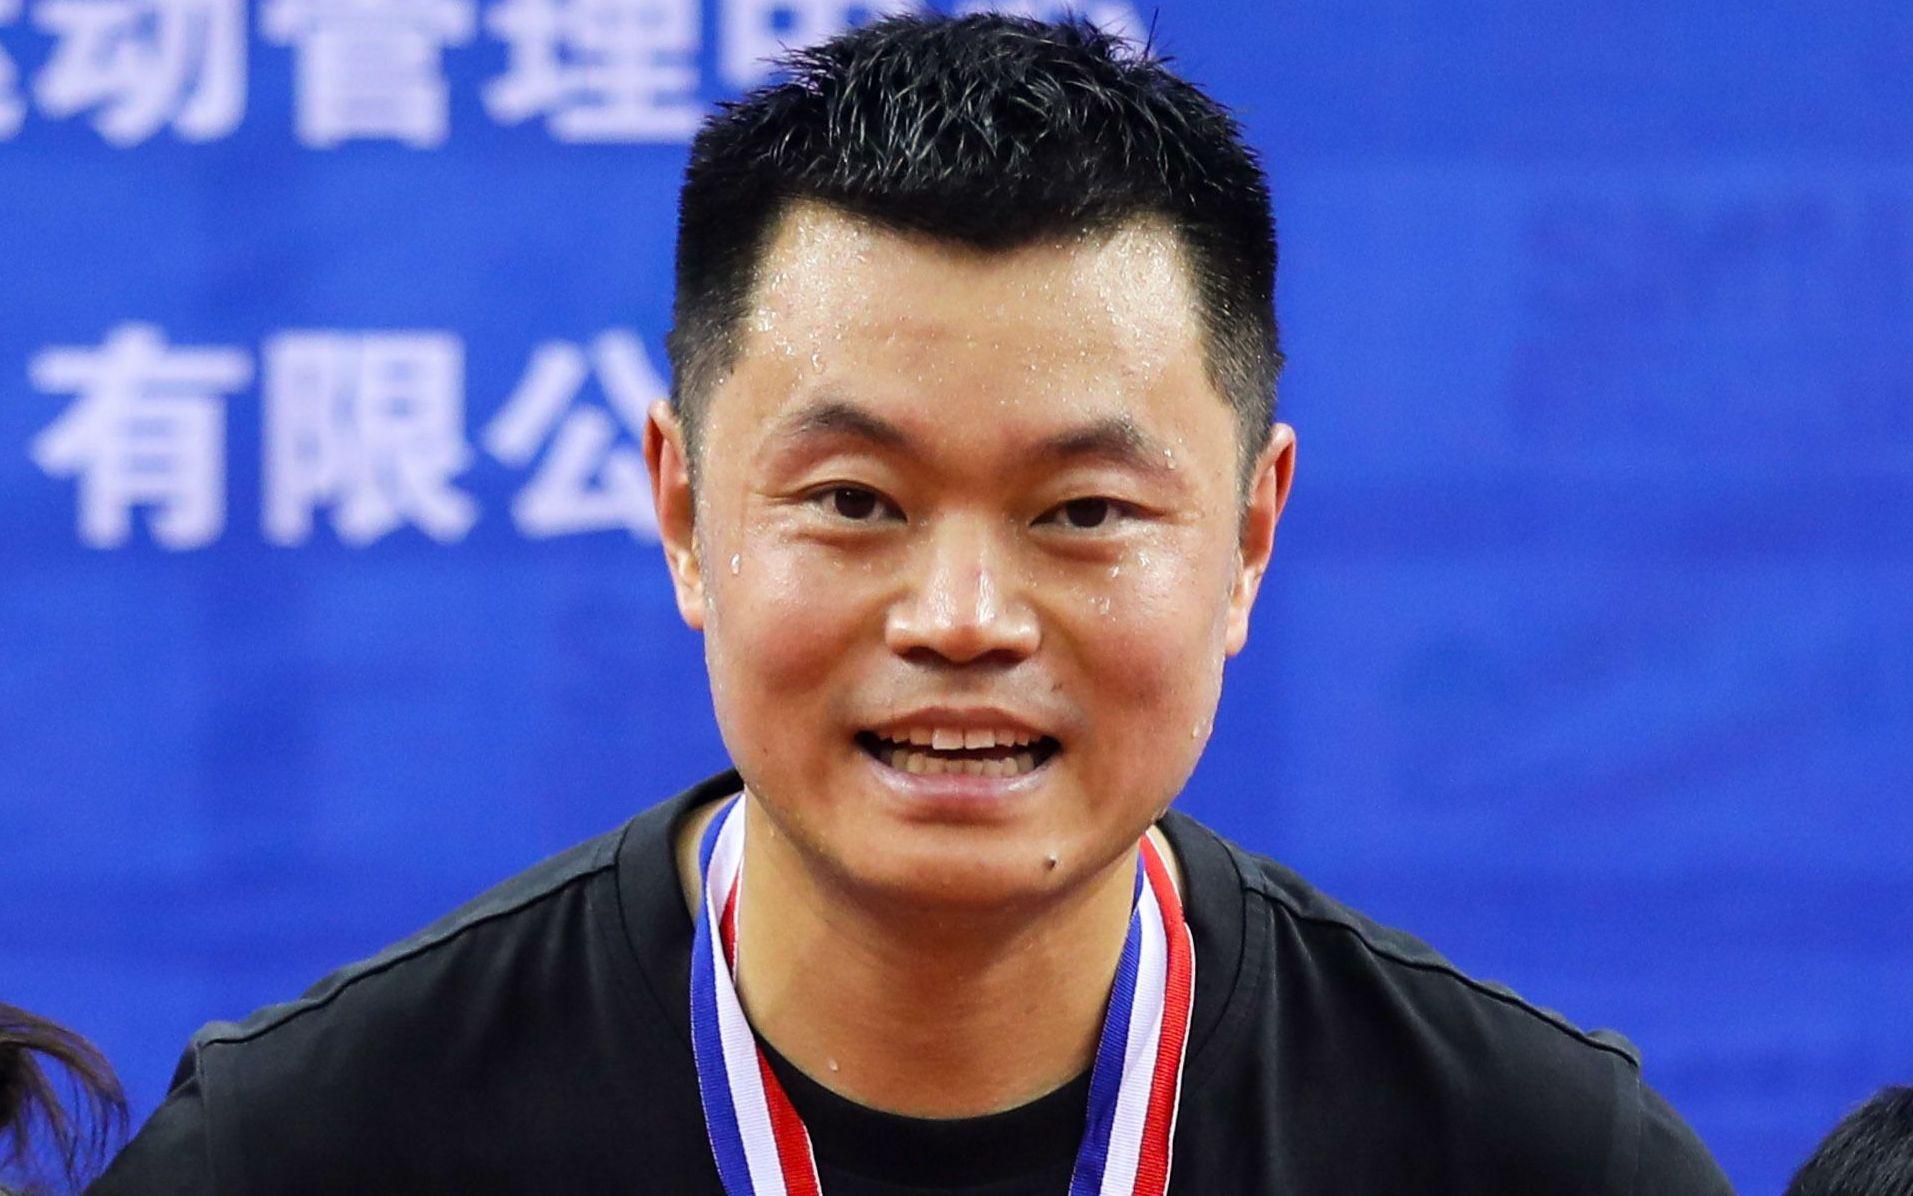 体育晨报:39岁侯英超创造中国乒坛奇迹